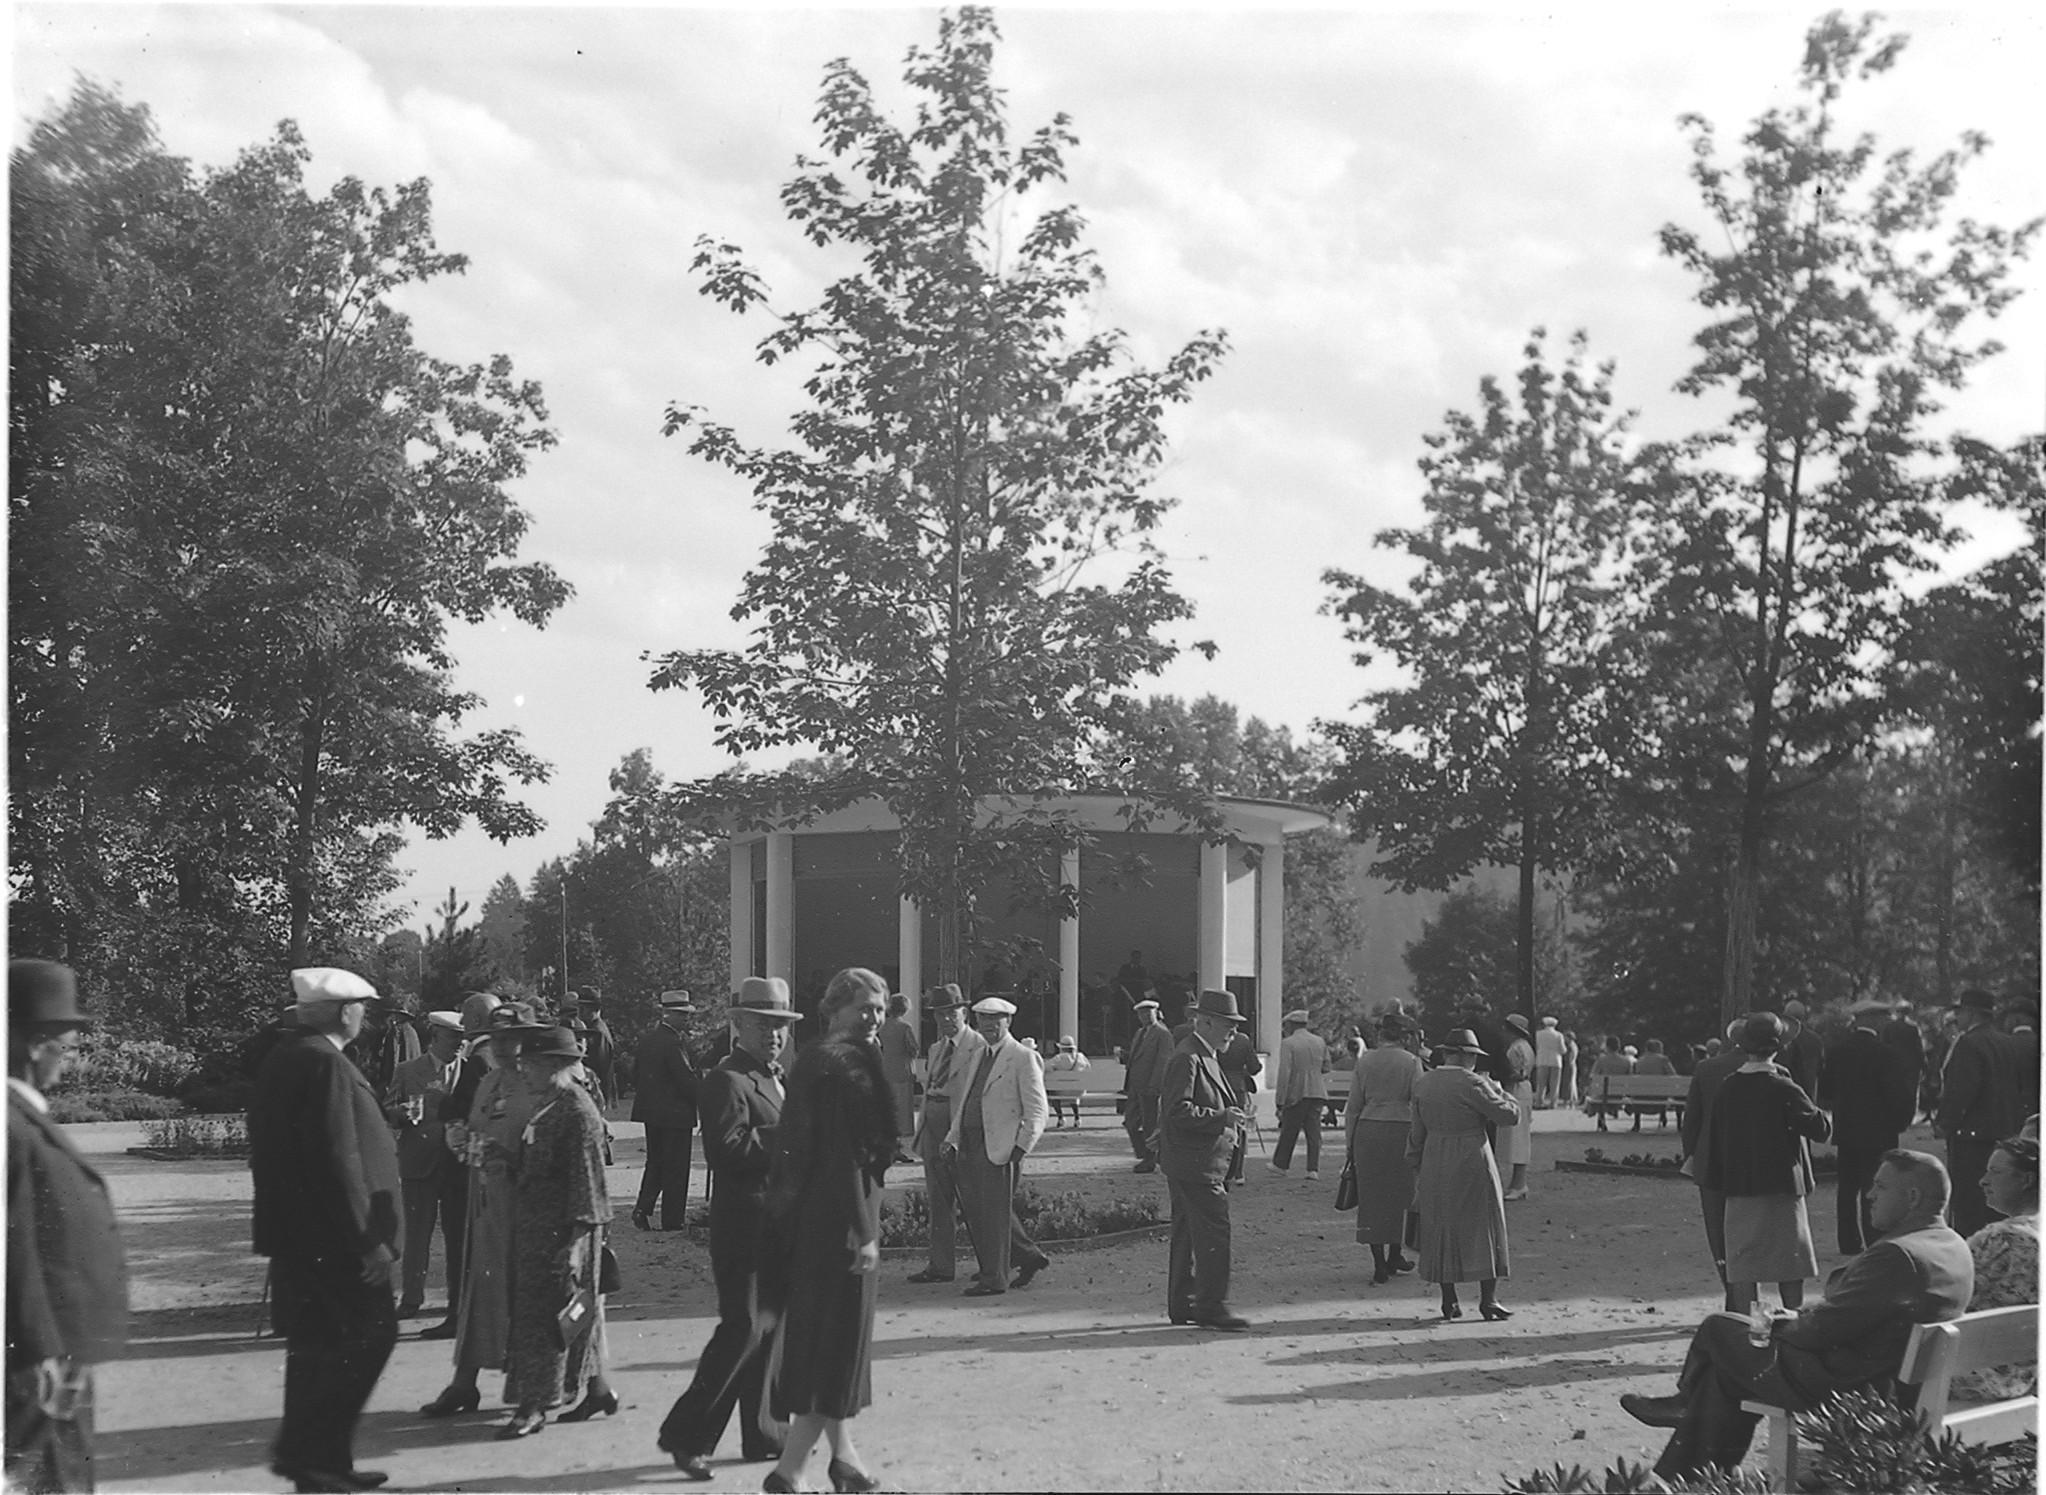 Jodwassertrinken im Kurpark (Marey, um 1930)